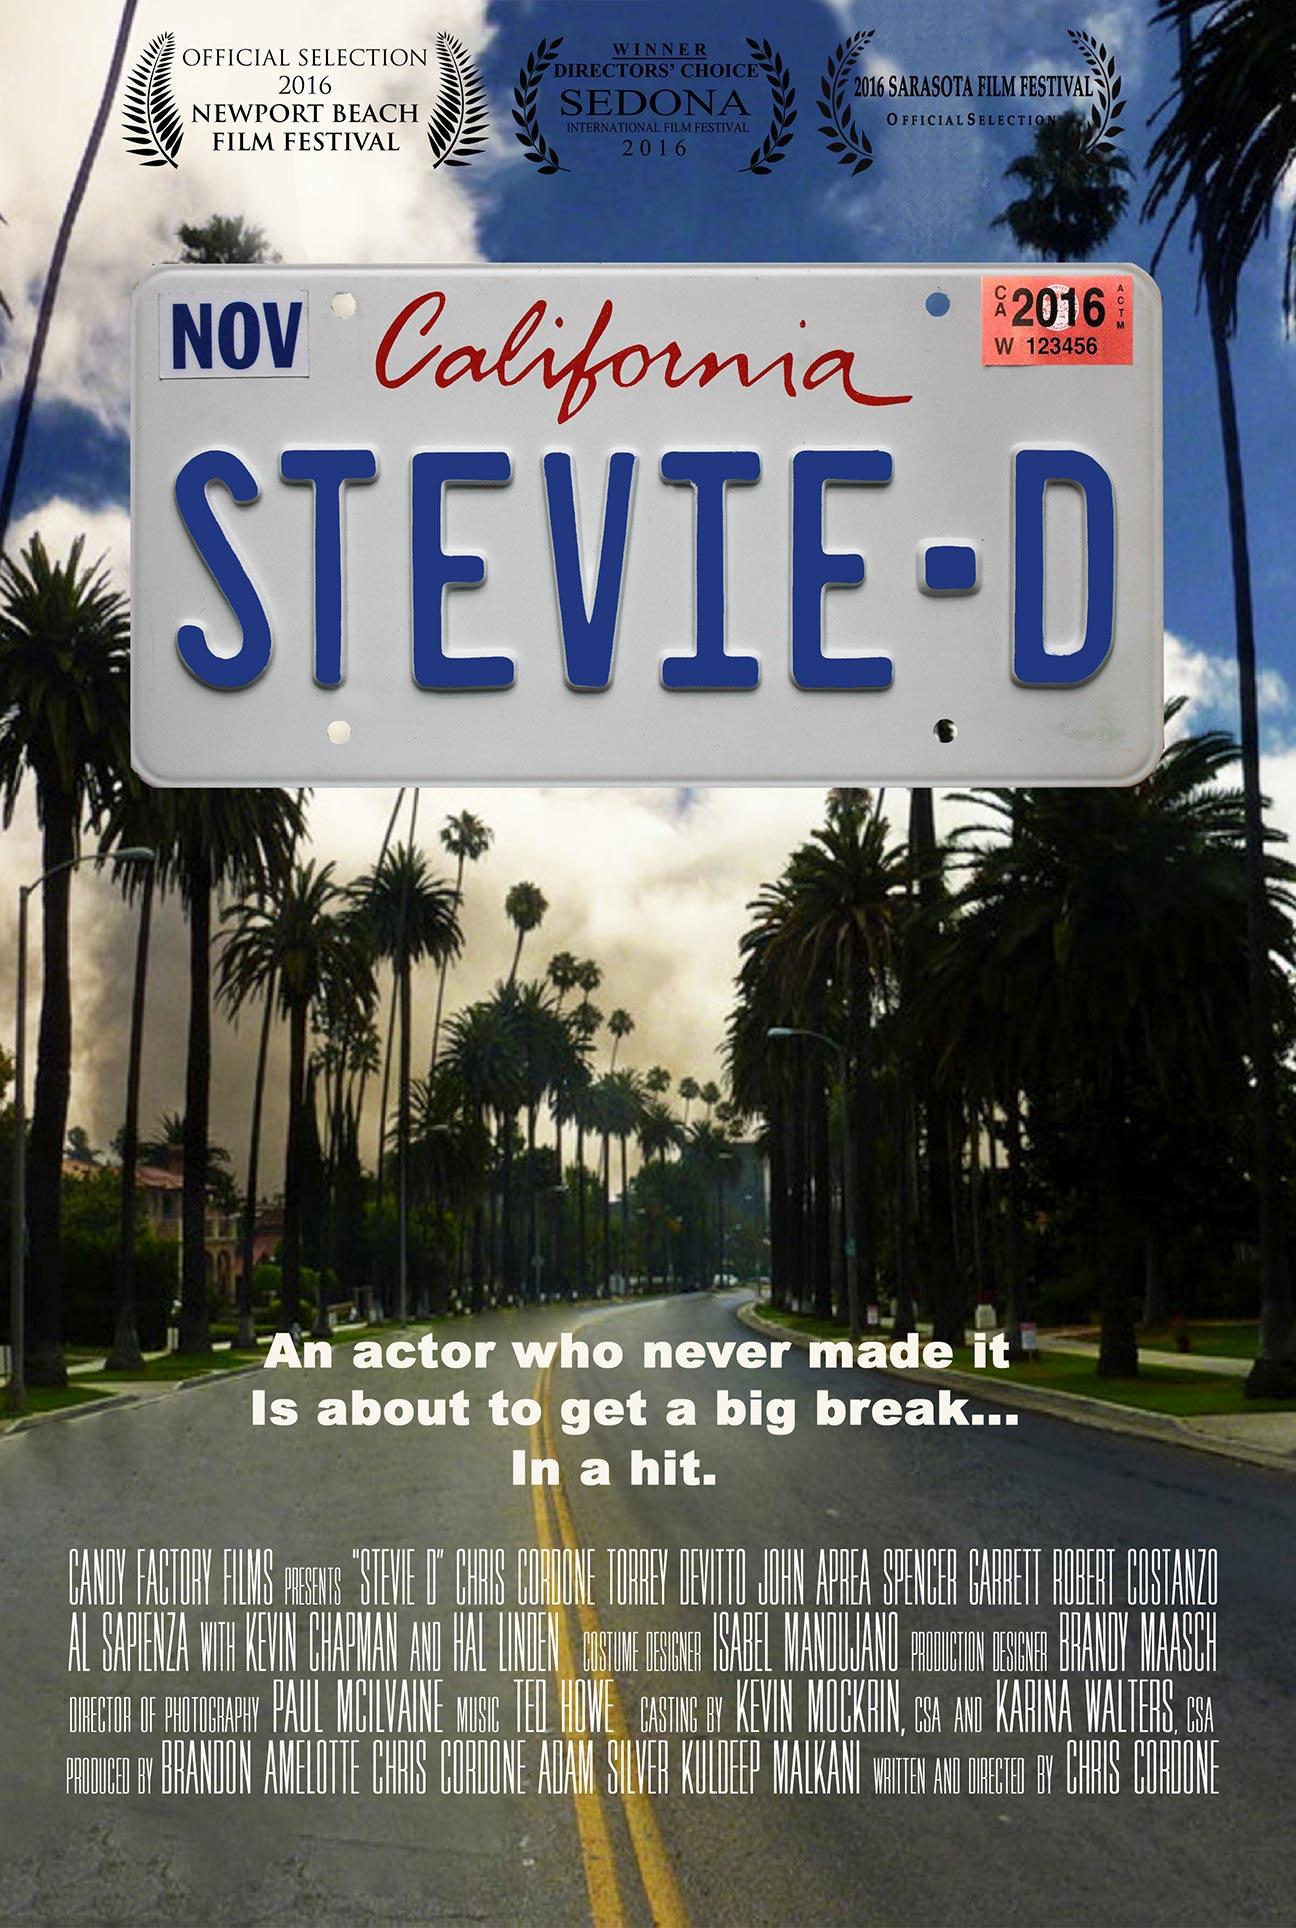 Stevie D Poster #1